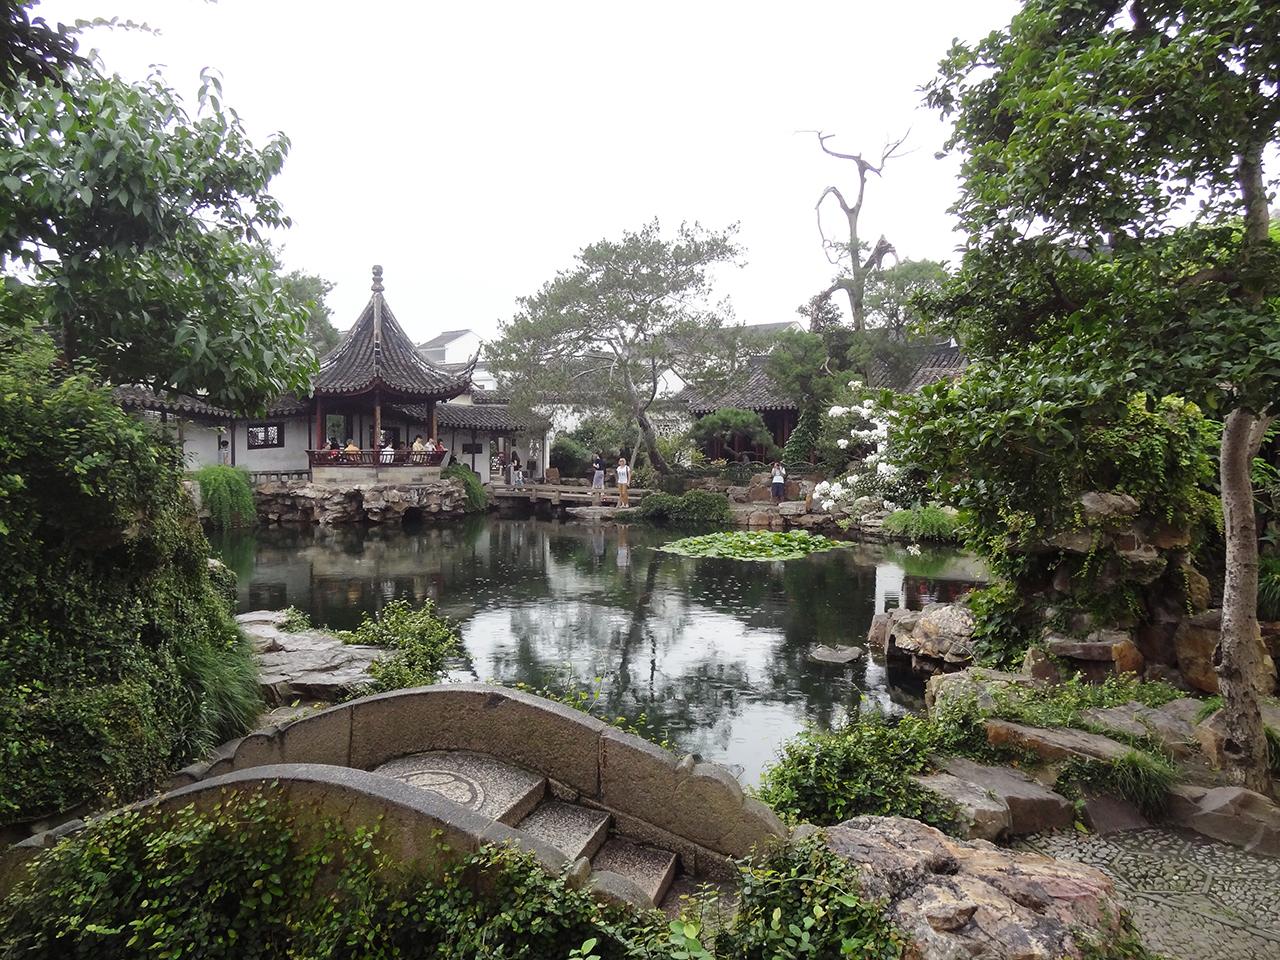 ซูโจว สวนโบราณ